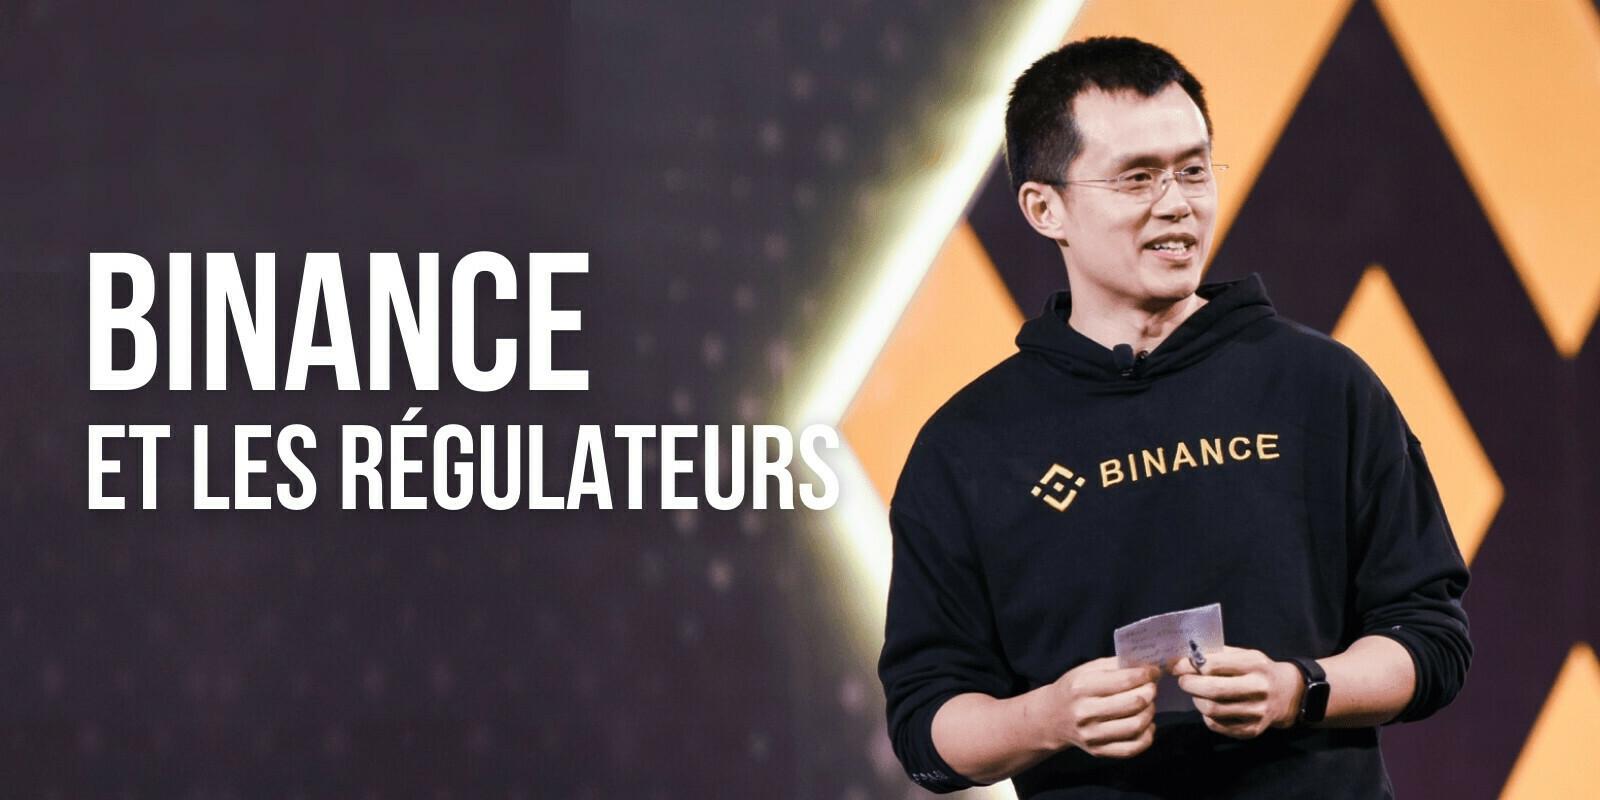 Binance: Changpeng Zhao joue la carte de l'apaisement avec les régulateurs